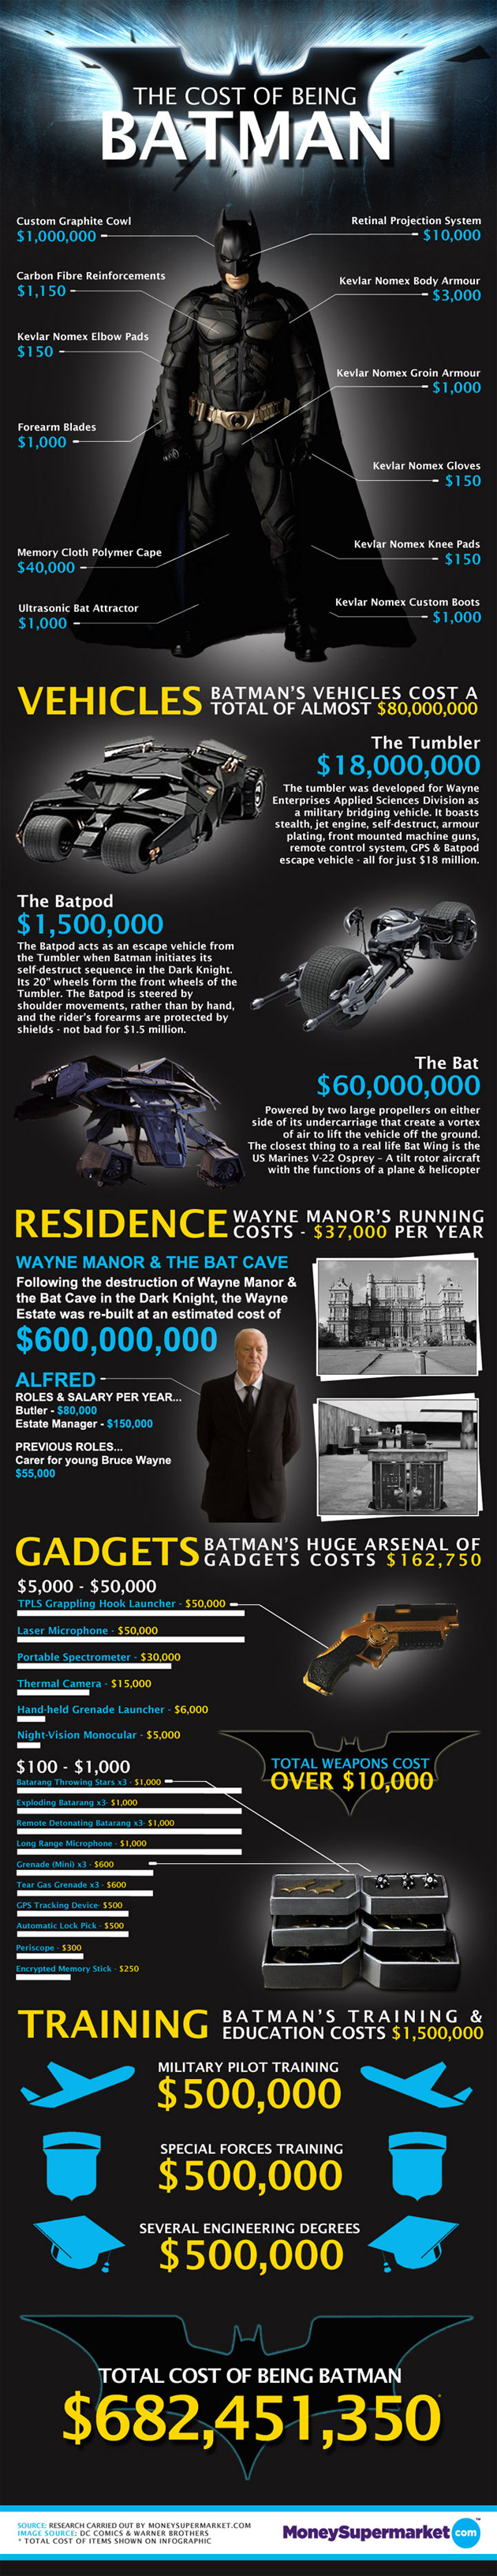 Butuh biaya berapa untuk jadi Batman? Totalnya Rp 6,4 triliun!